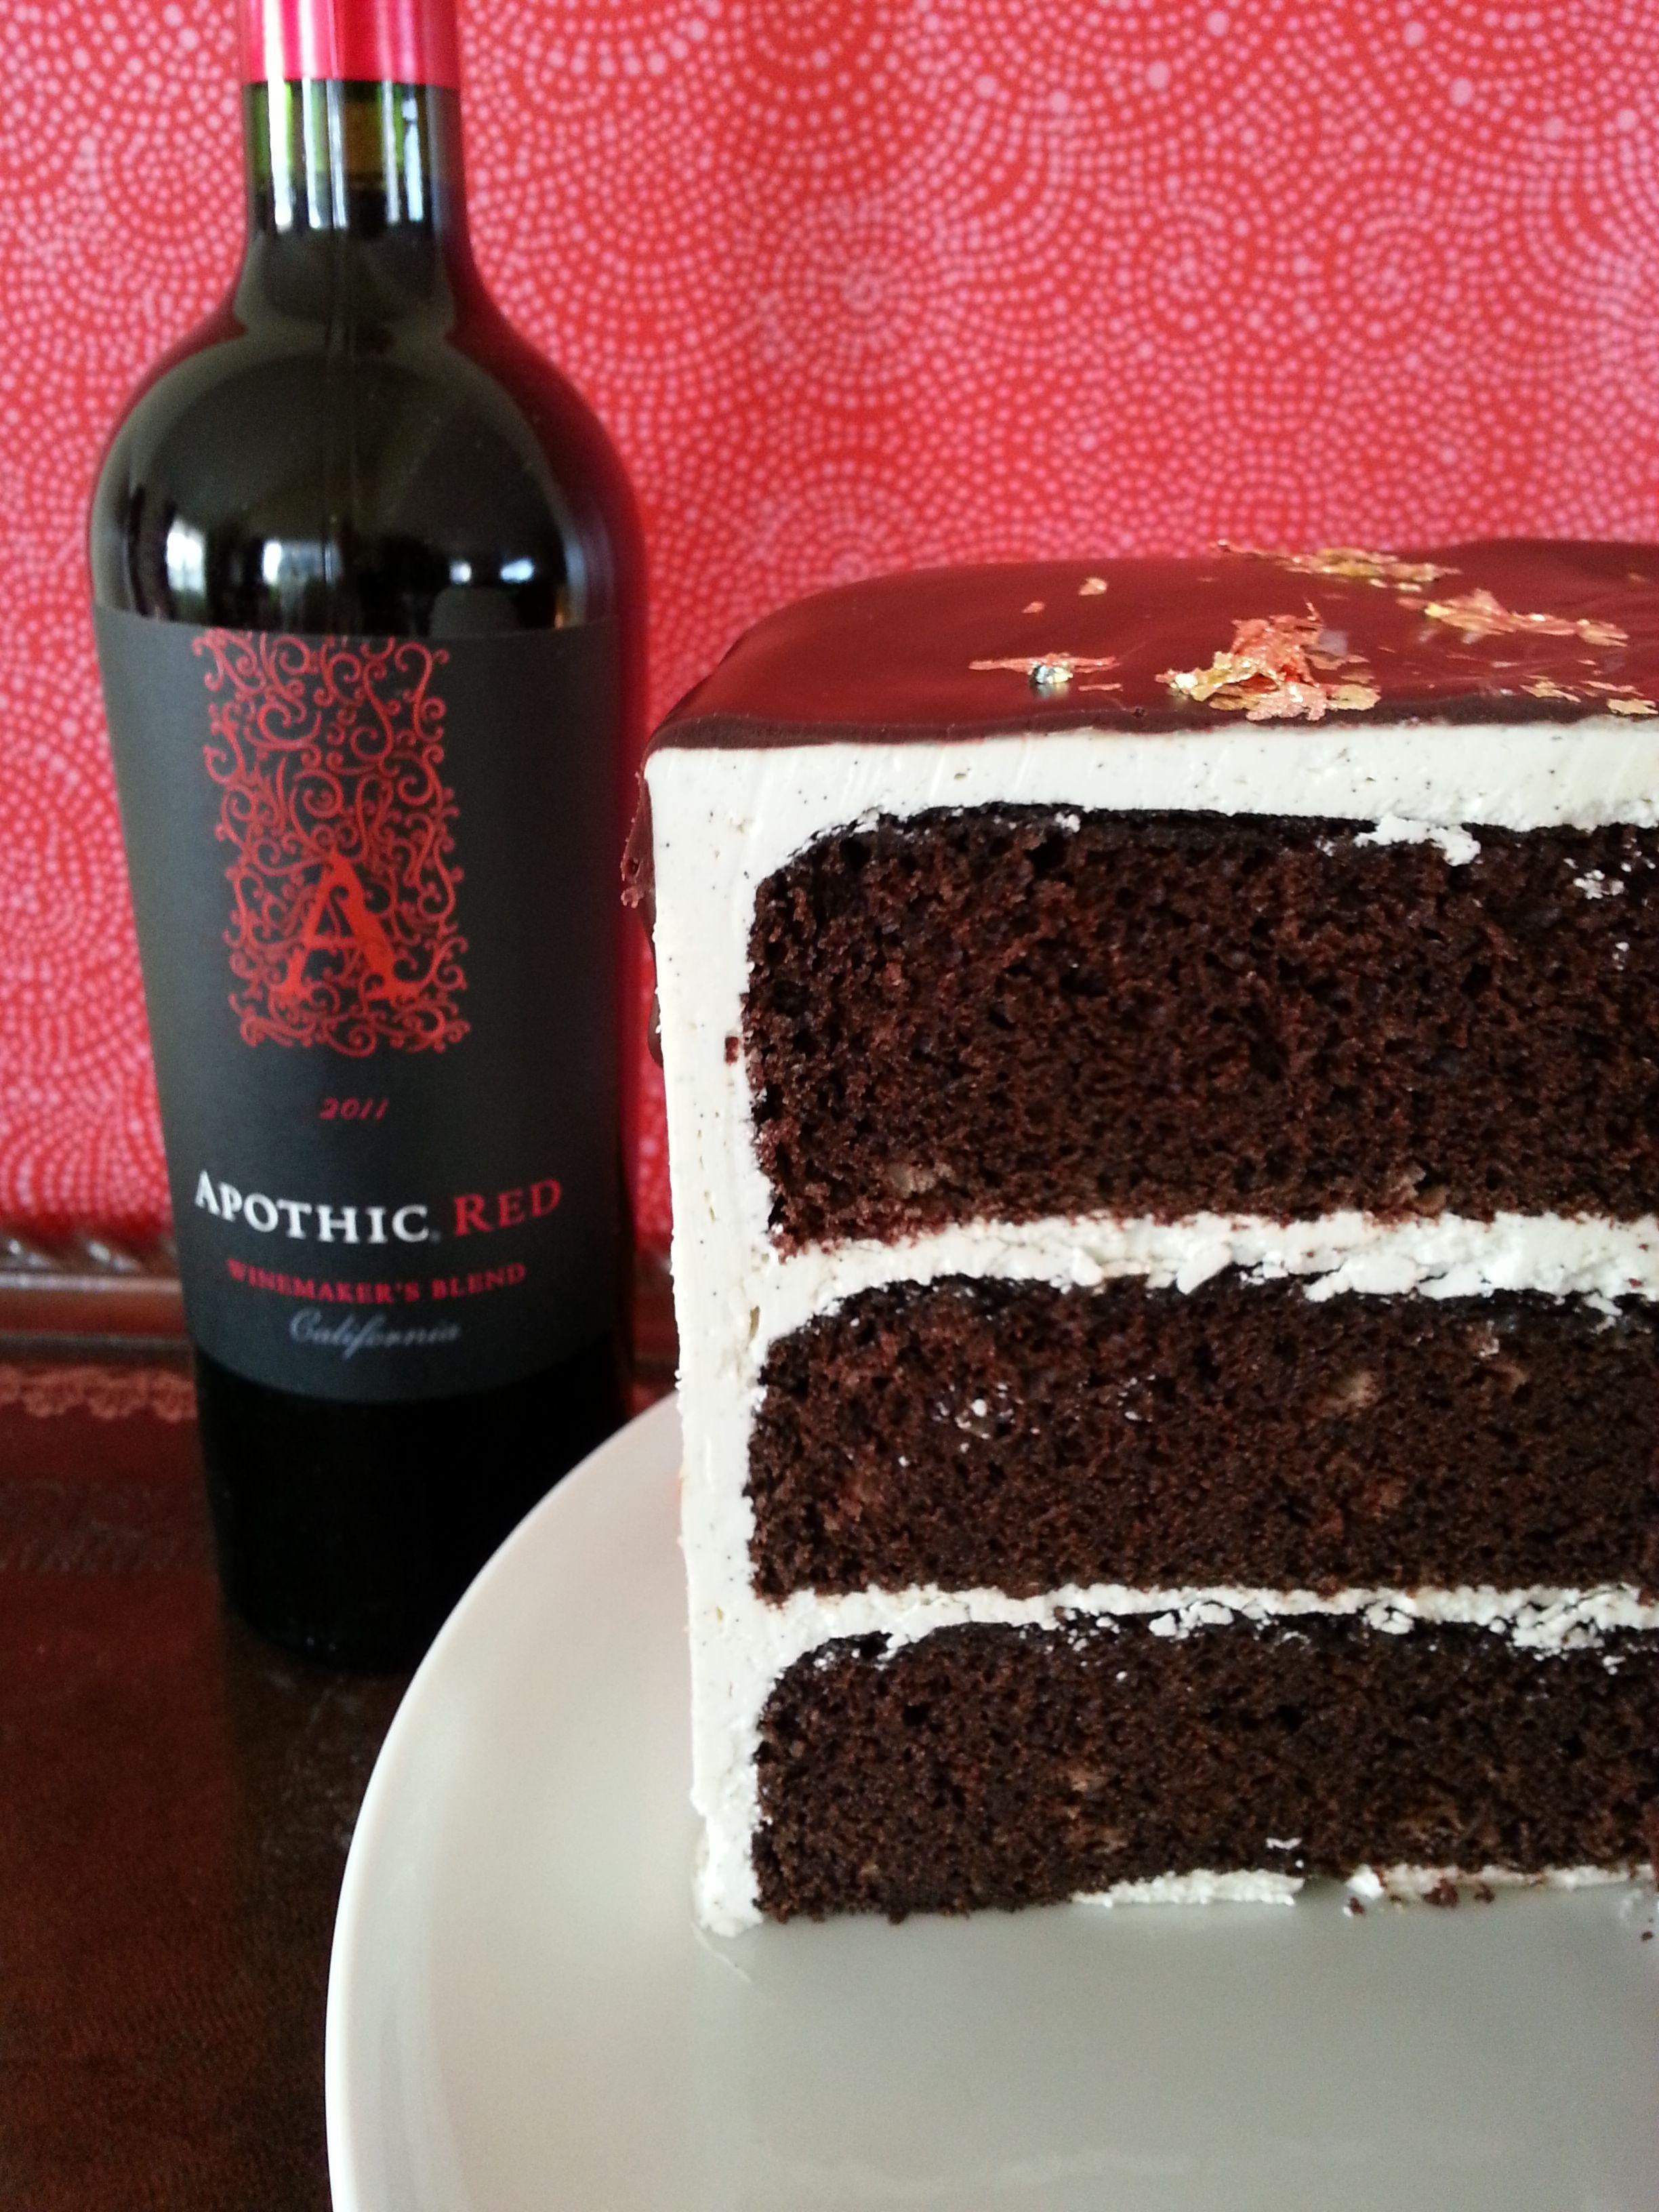 Apothic Red Velvet Cake Ross Sveback Boozy Baking Cake Wine Cake